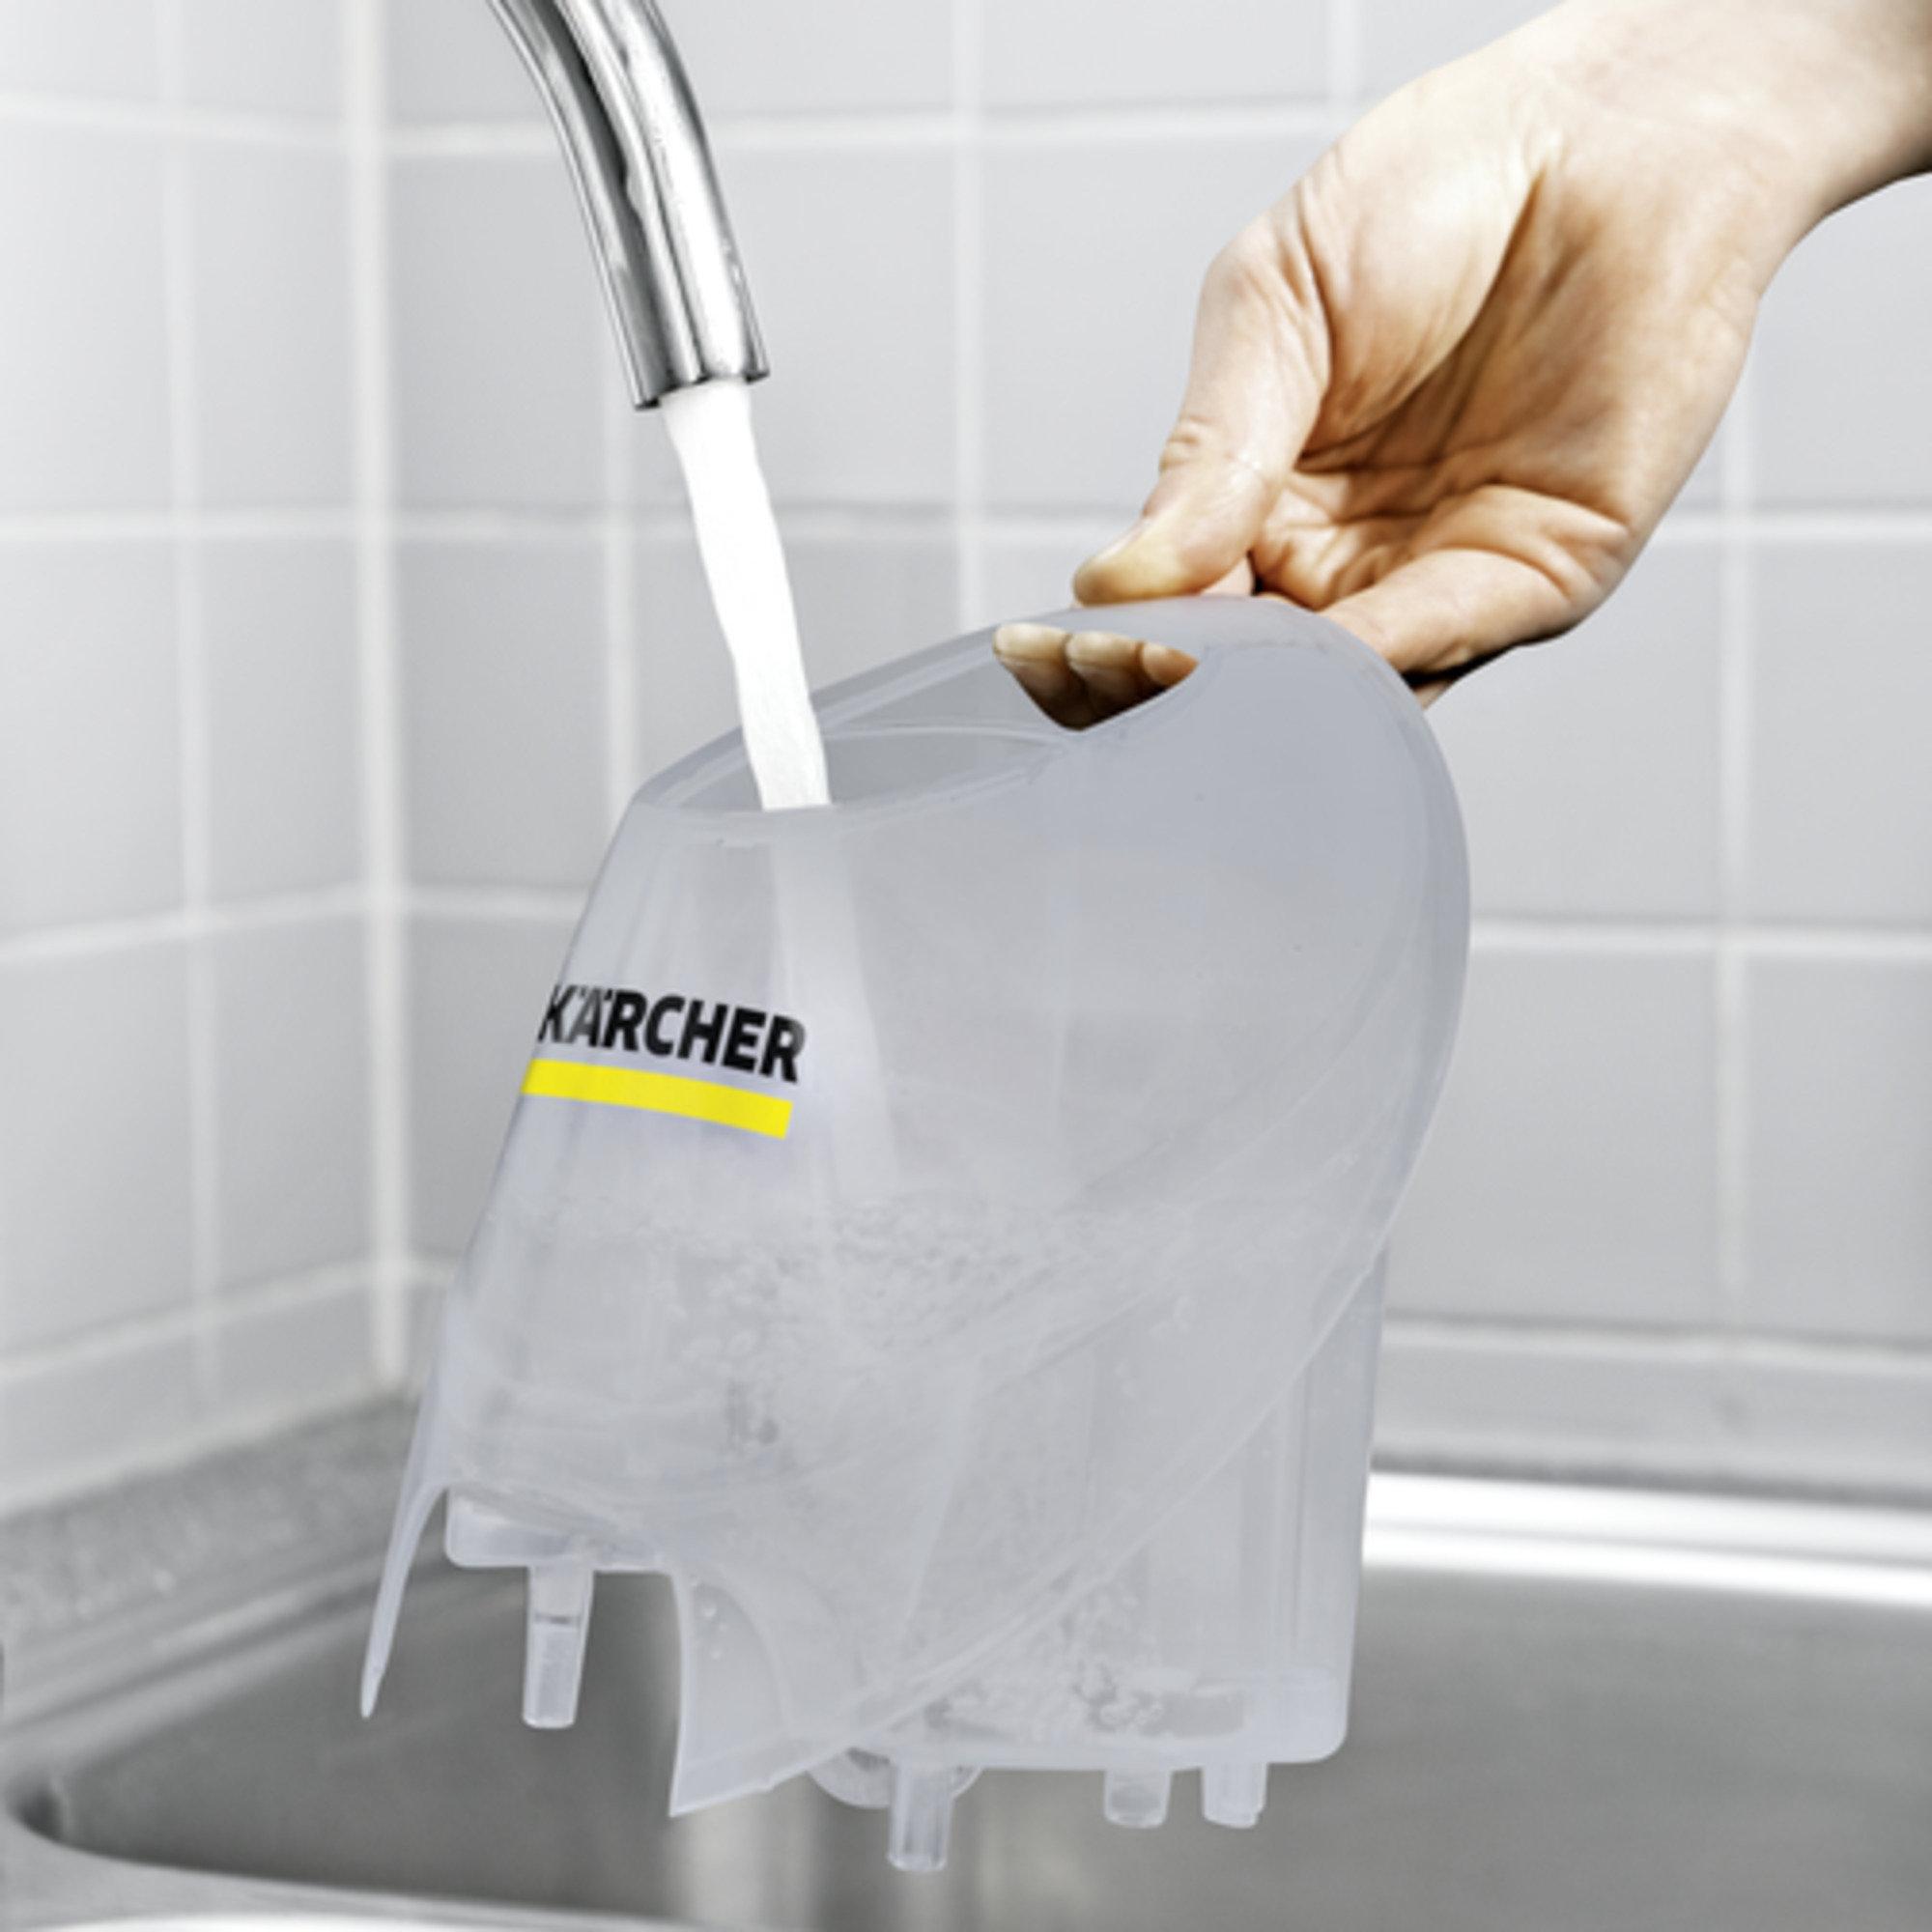 Aparat de curatat cu abur SC 4 EasyFix Premium: Rezervor de apă detașabil pentru reumplere continuă